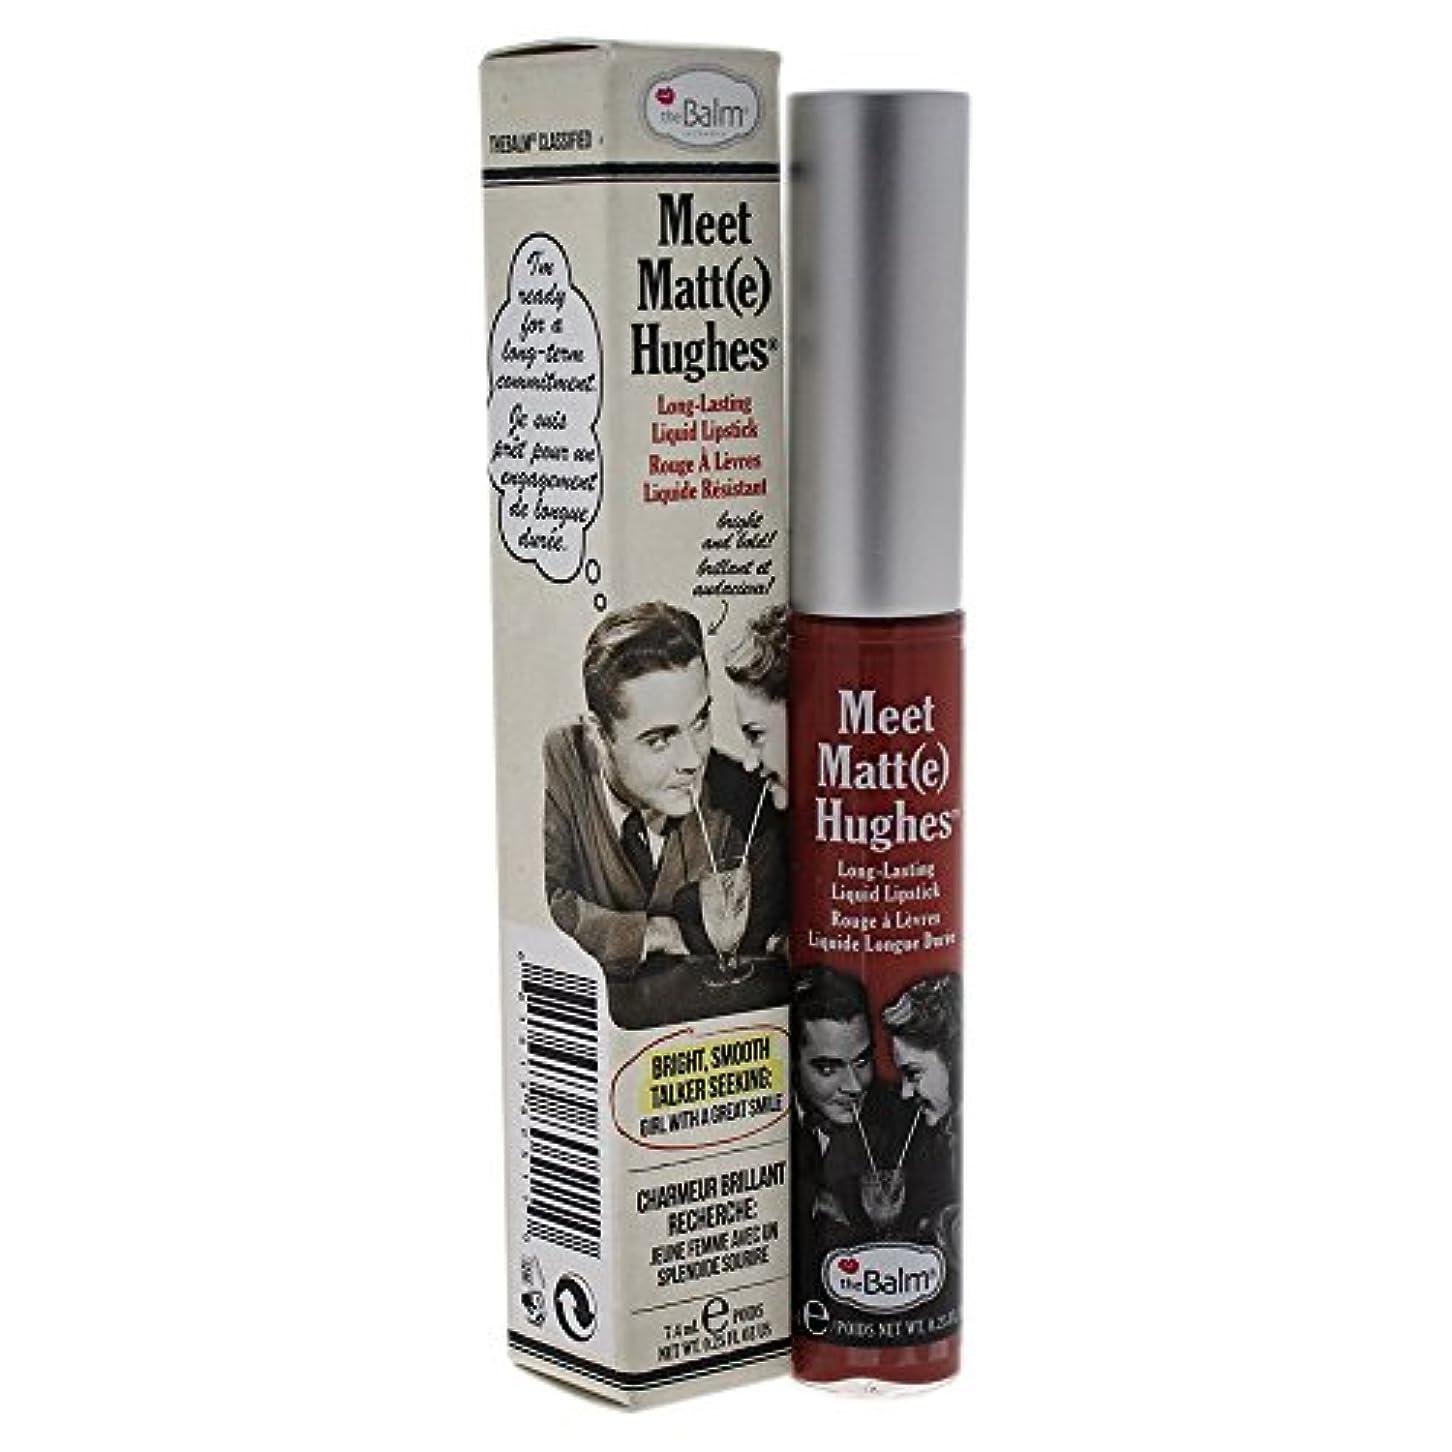 中世の従者ビスケットザバーム Meet Matte Hughes Long Lasting Liquid Lipstick - Committed 7.4ml/0.25oz並行輸入品